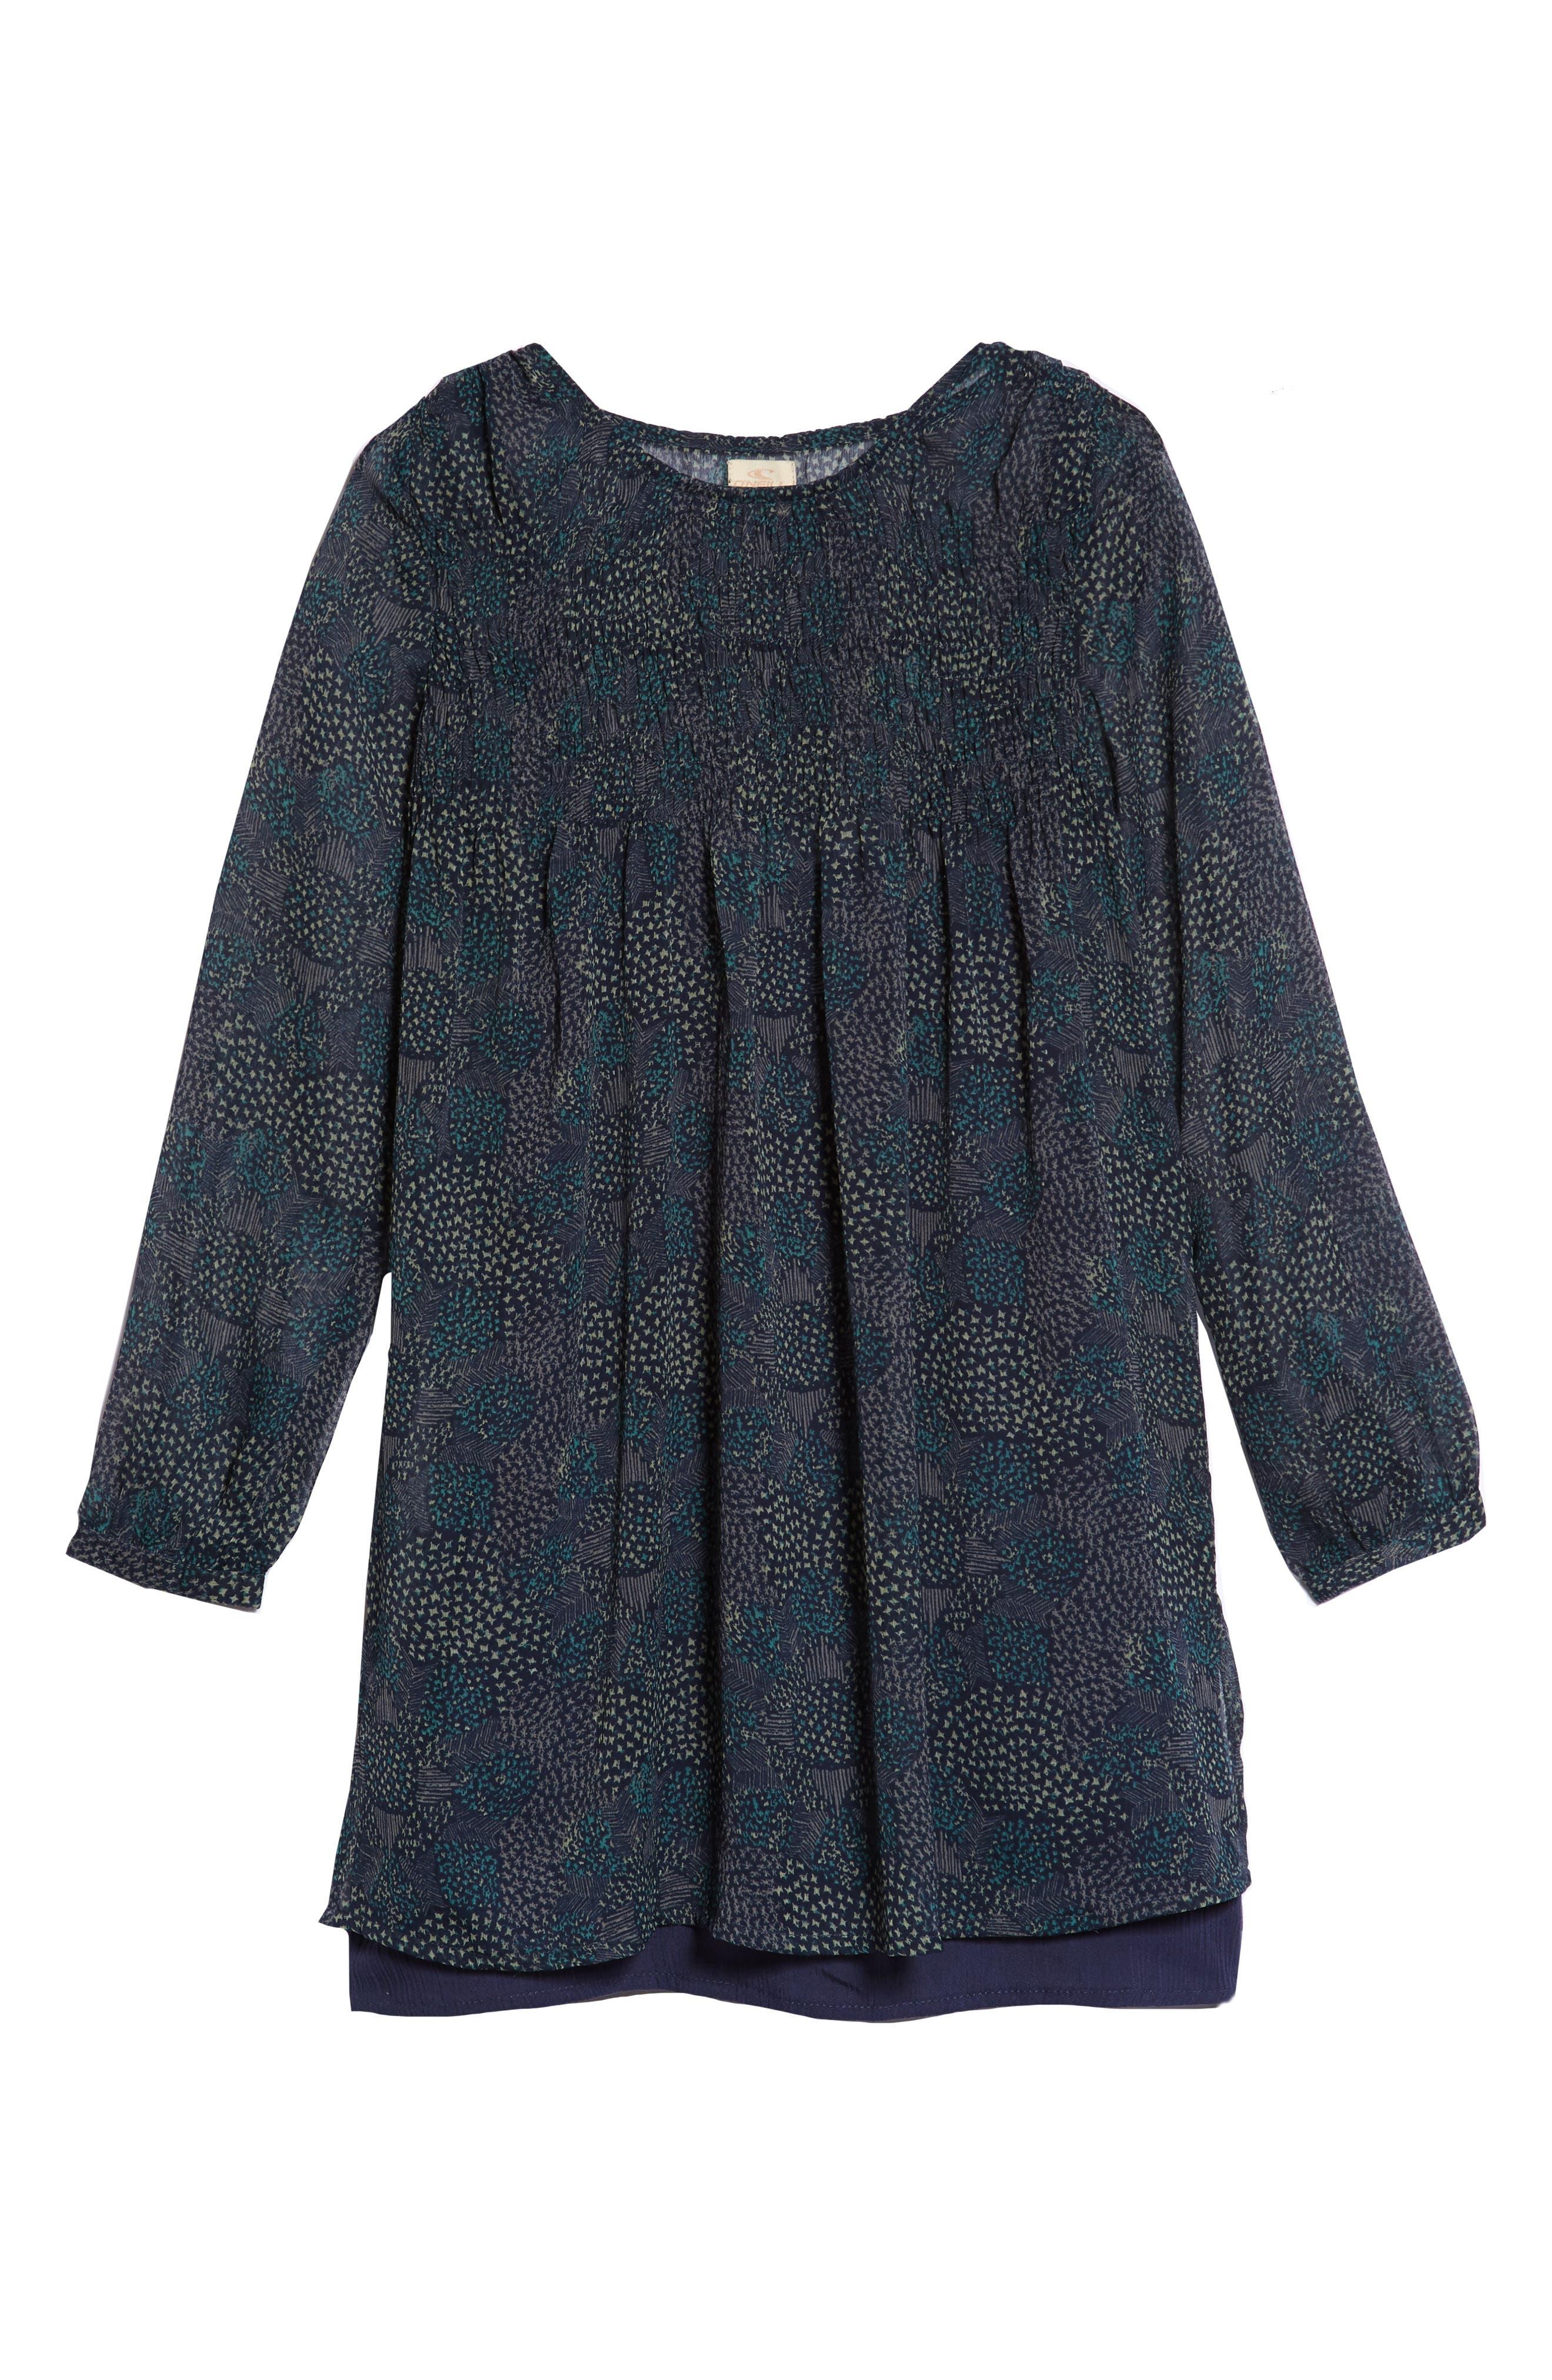 Summer Layered Dress,                             Main thumbnail 1, color,                             MOOD INDIGO